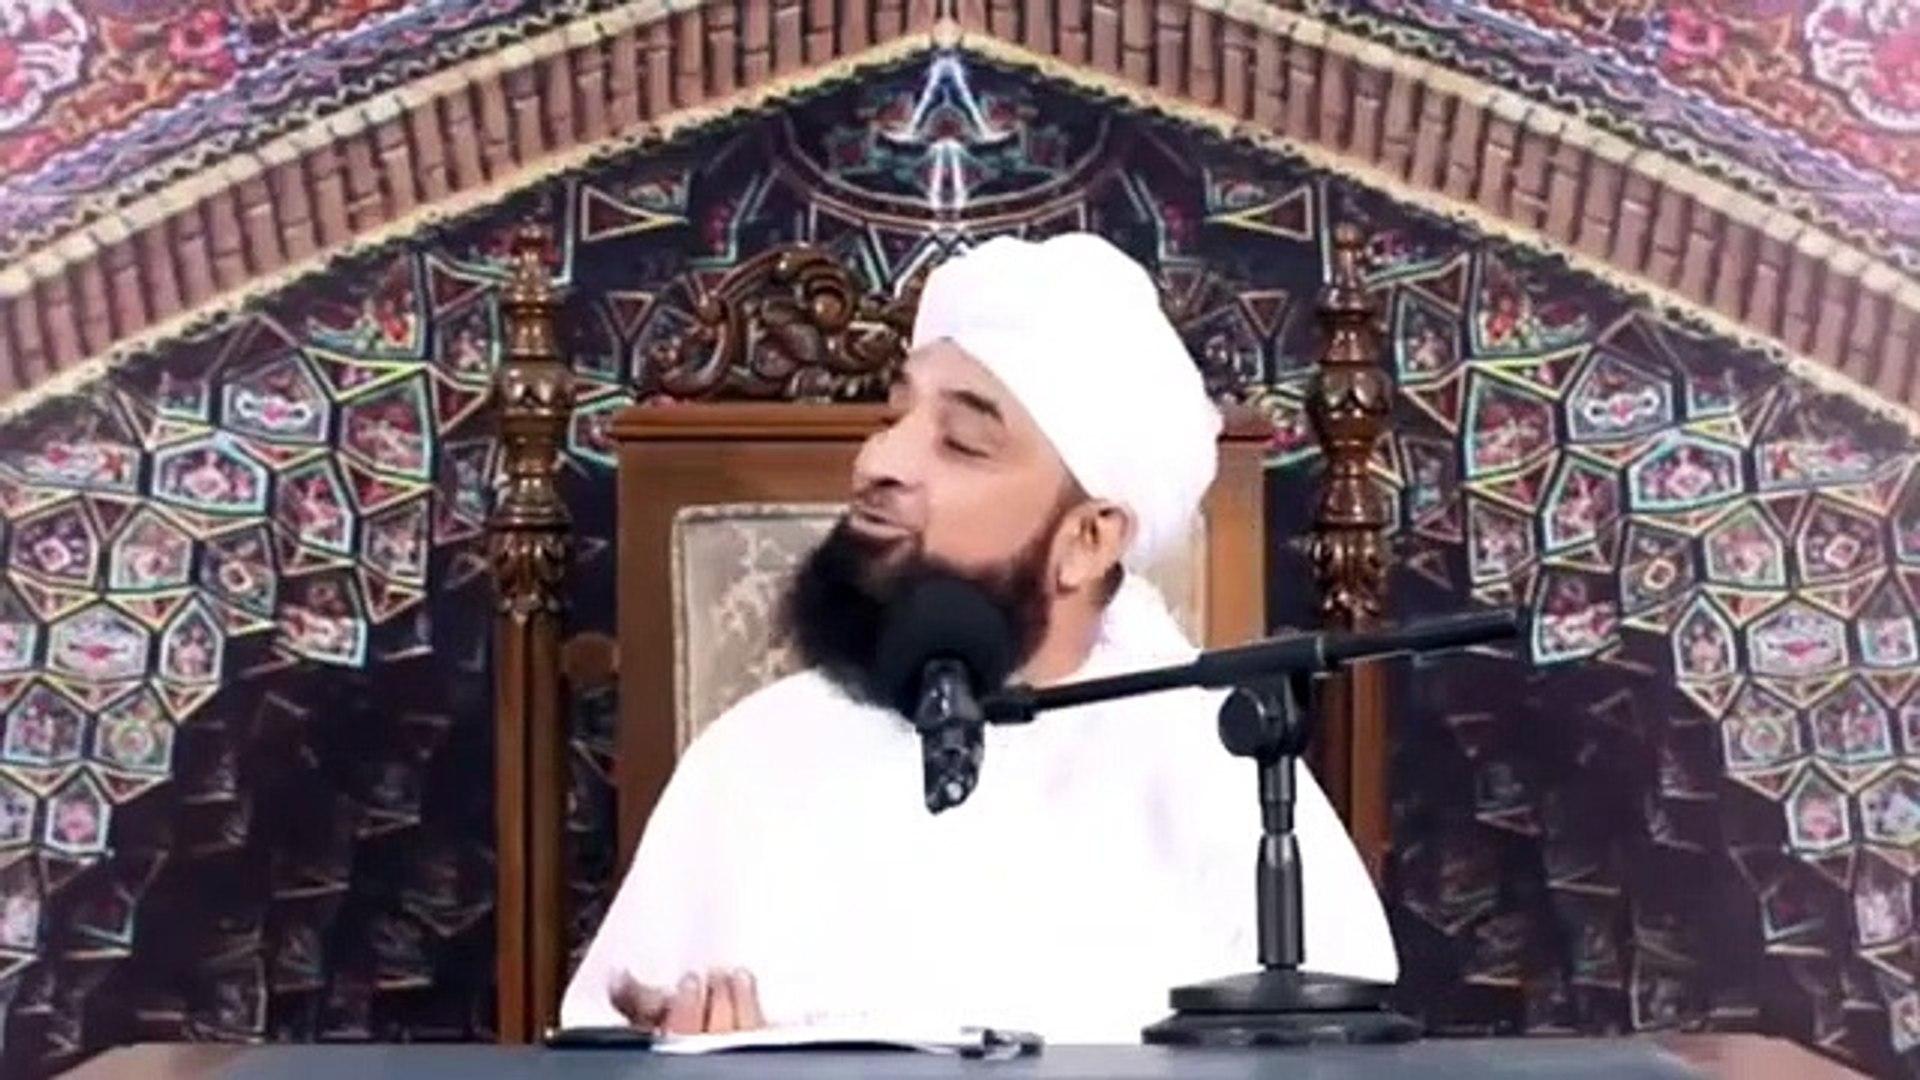 Rizk Main Barkat Ka Piyara Tareka - Maulana Saqib Raza Mustafai 28 February 2019 - Islamic Central